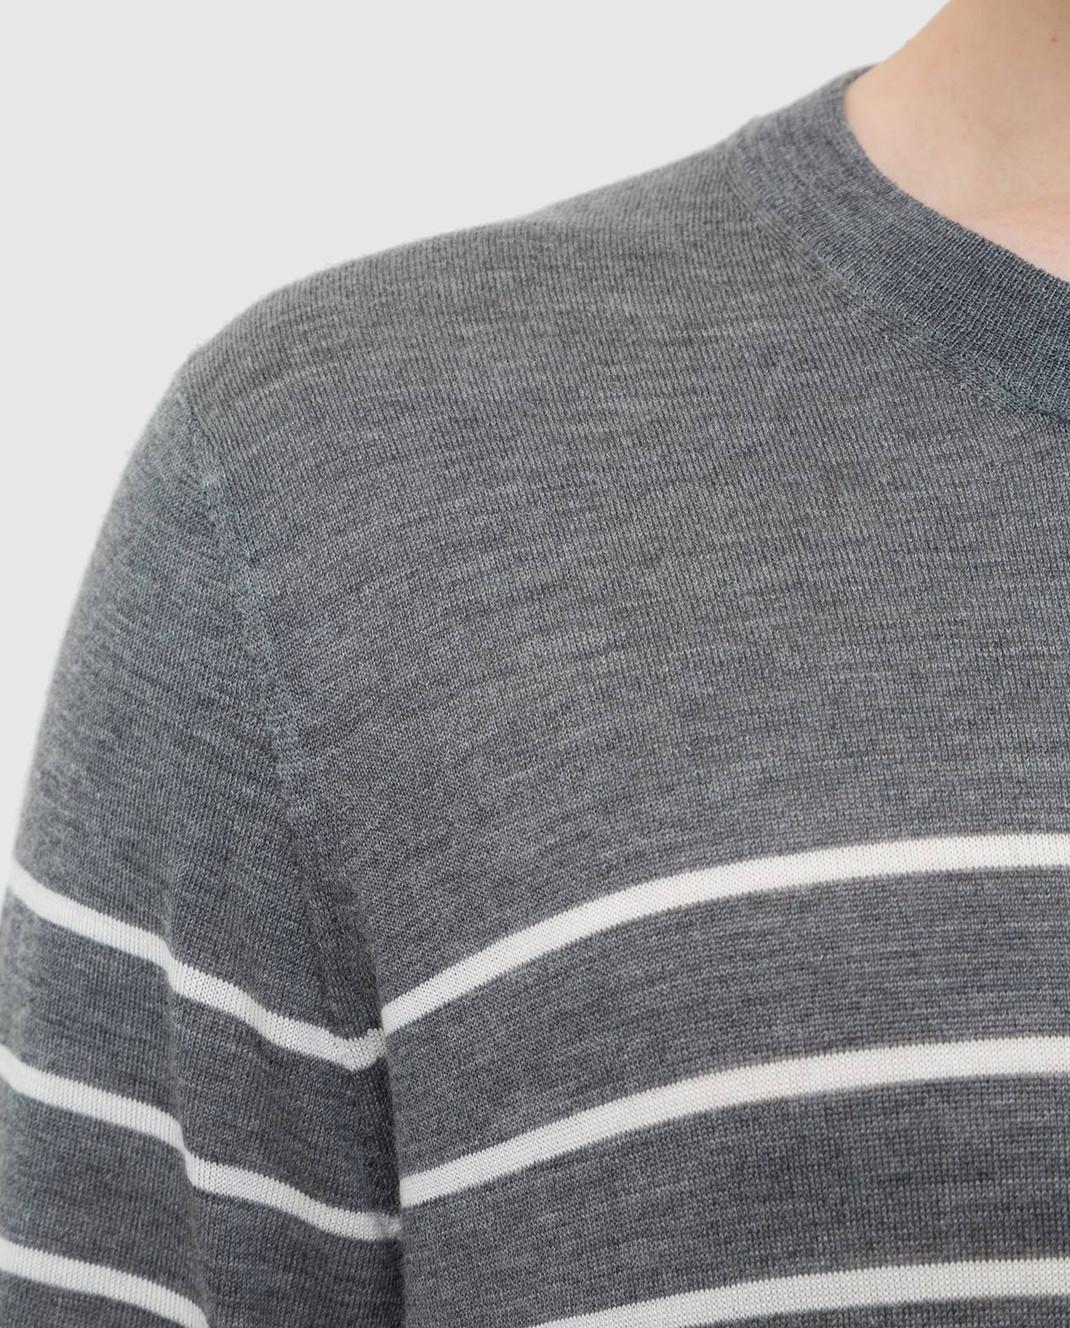 Brunello Cucinelli Серый джемпер из шерсти и кашемира M24802100 изображение 5